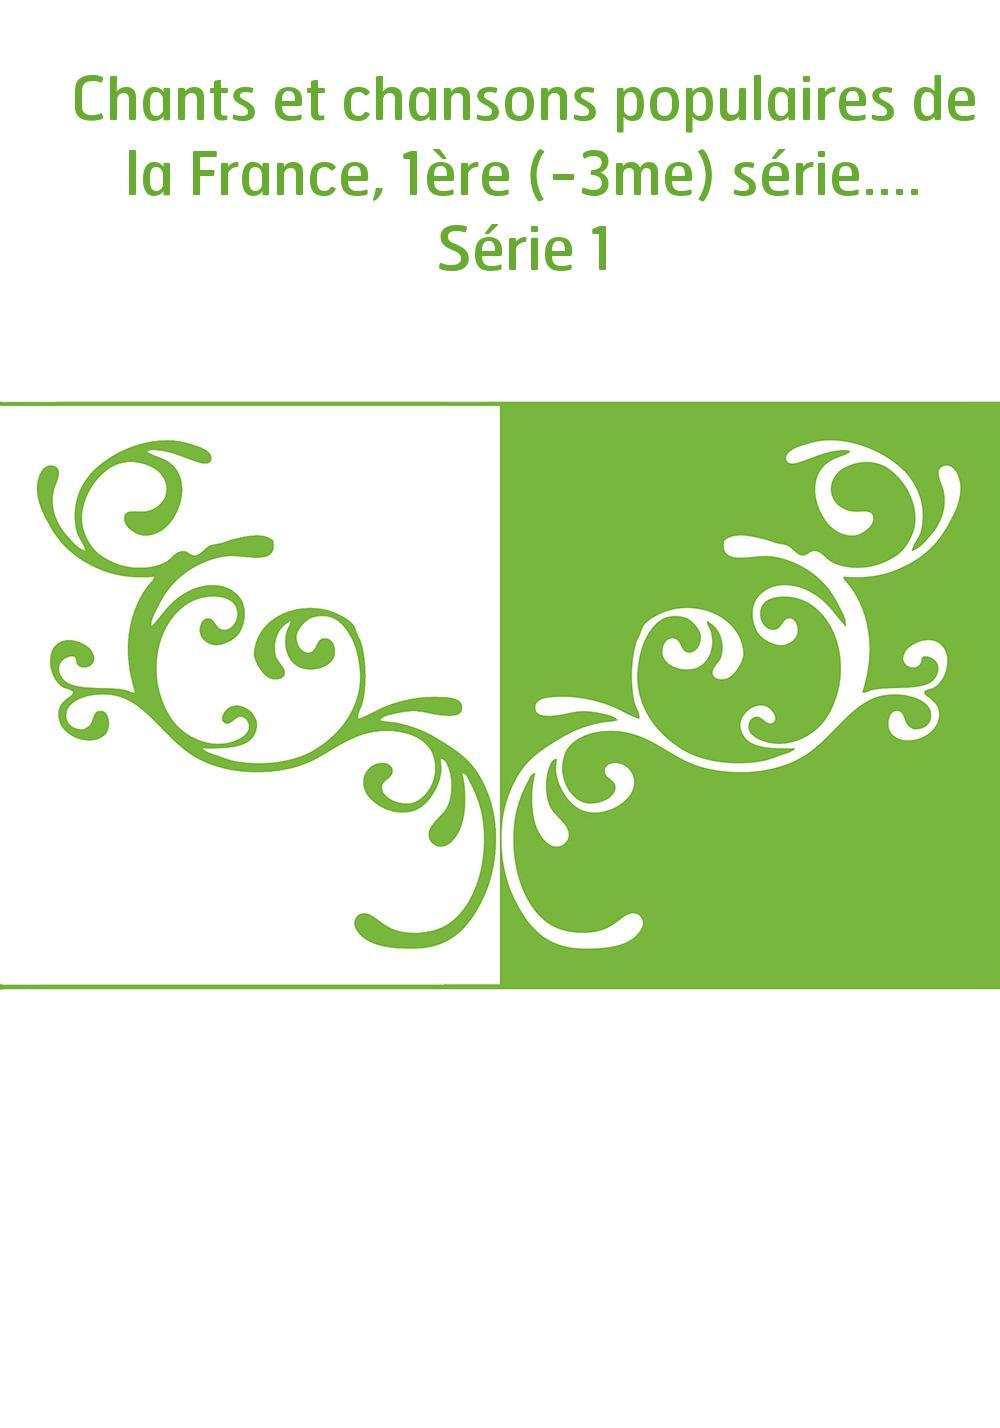 Chants et chansons populaires de la France, 1ère (-3me) série.... Série 1